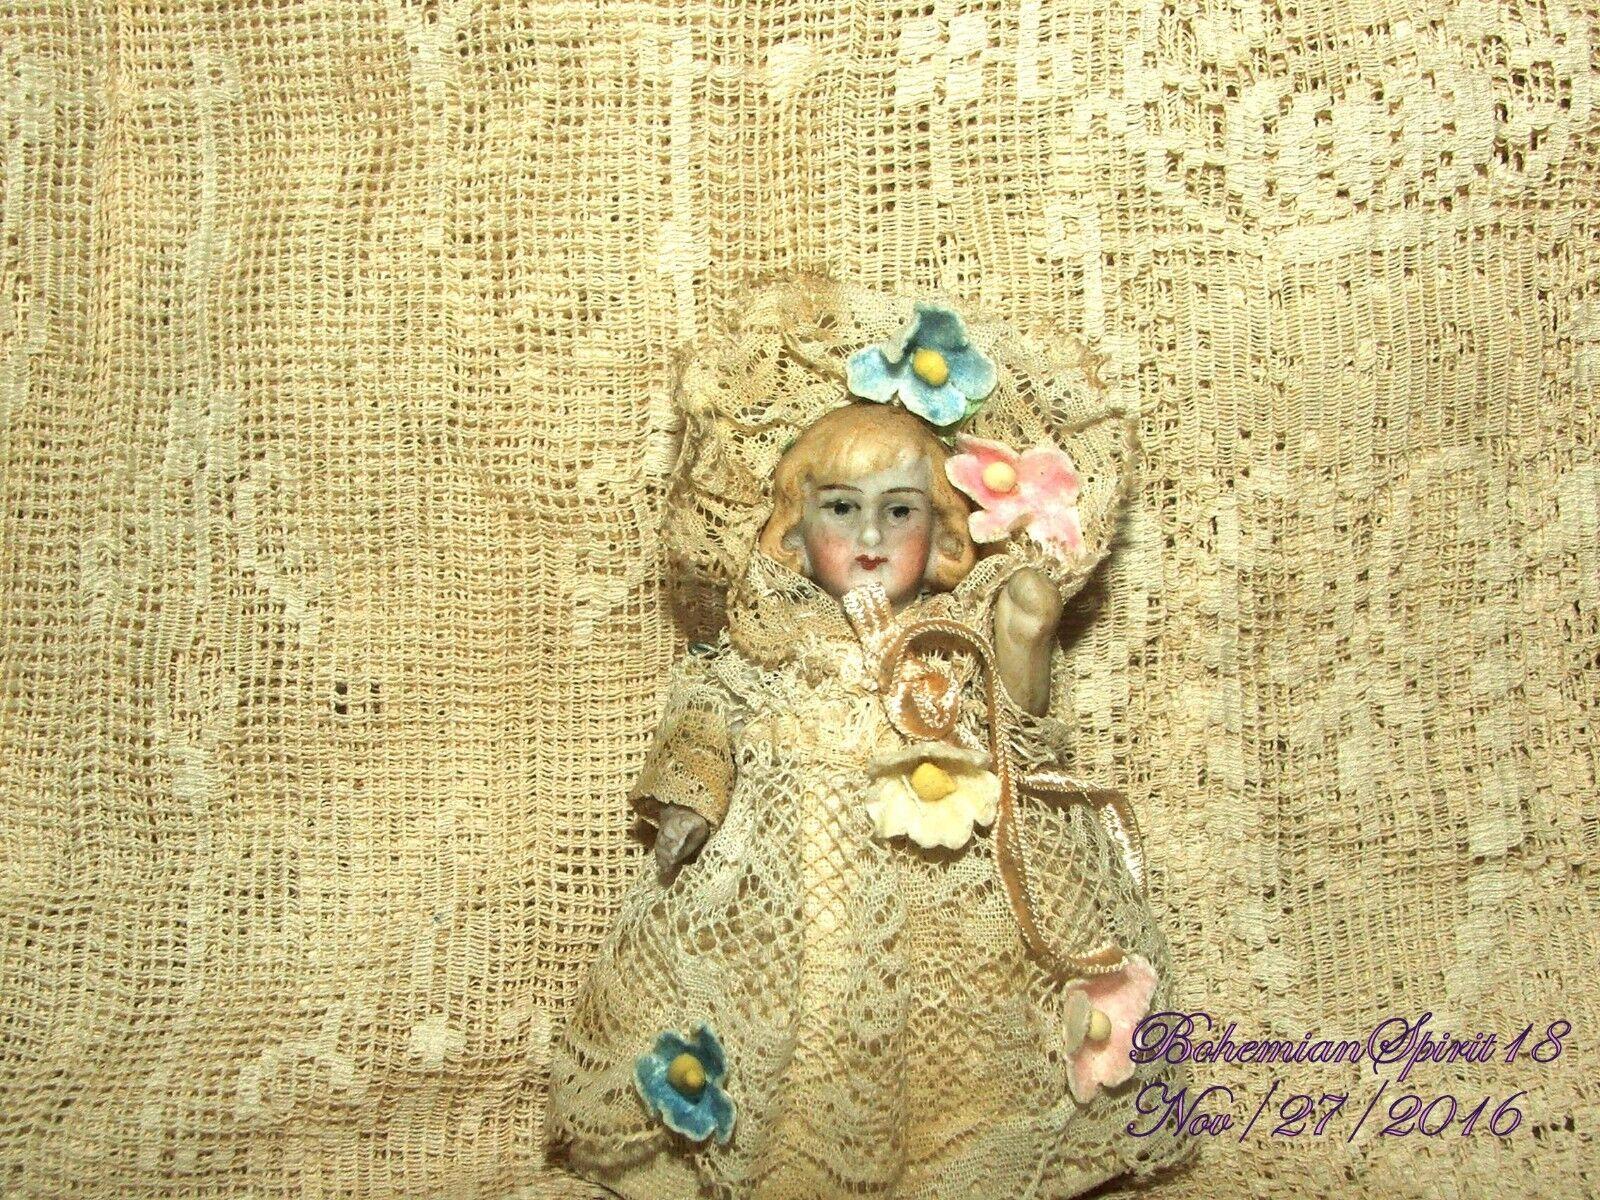 ANTIQUE GERuomo BISQUE GIRL doppio doppio doppio JOINTED ANTIQUE LACE DRESS MINIATURE 3'' bambola ef0581